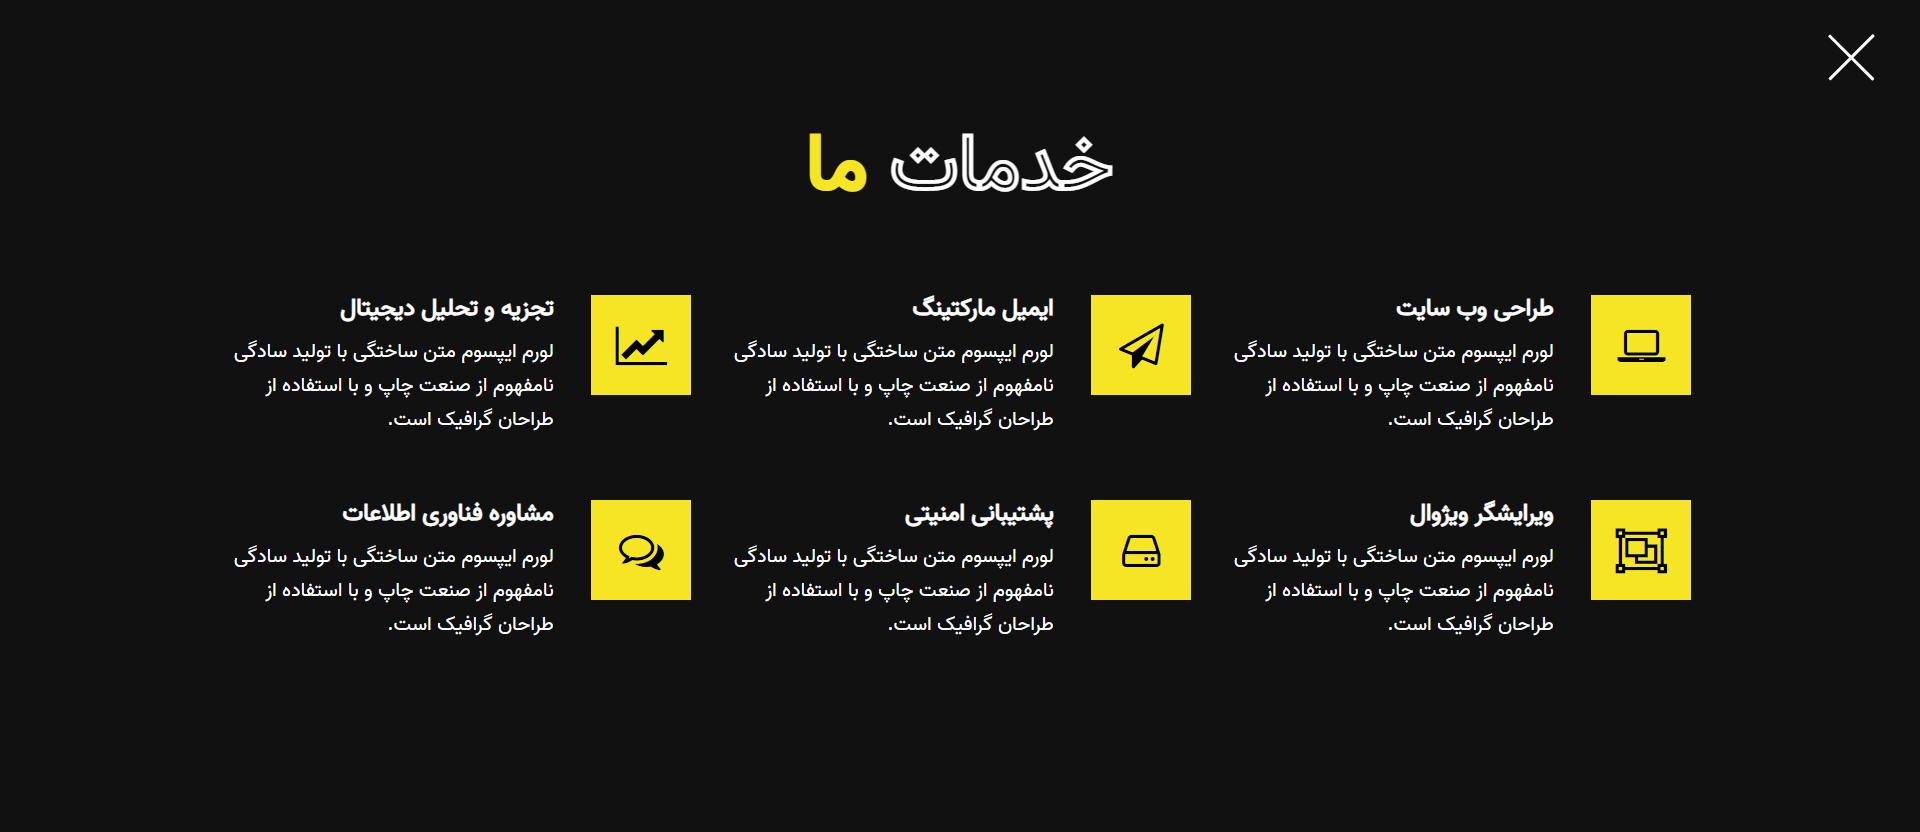 نمایش خدمات در قالب HTML در دست ساخت اولئوس